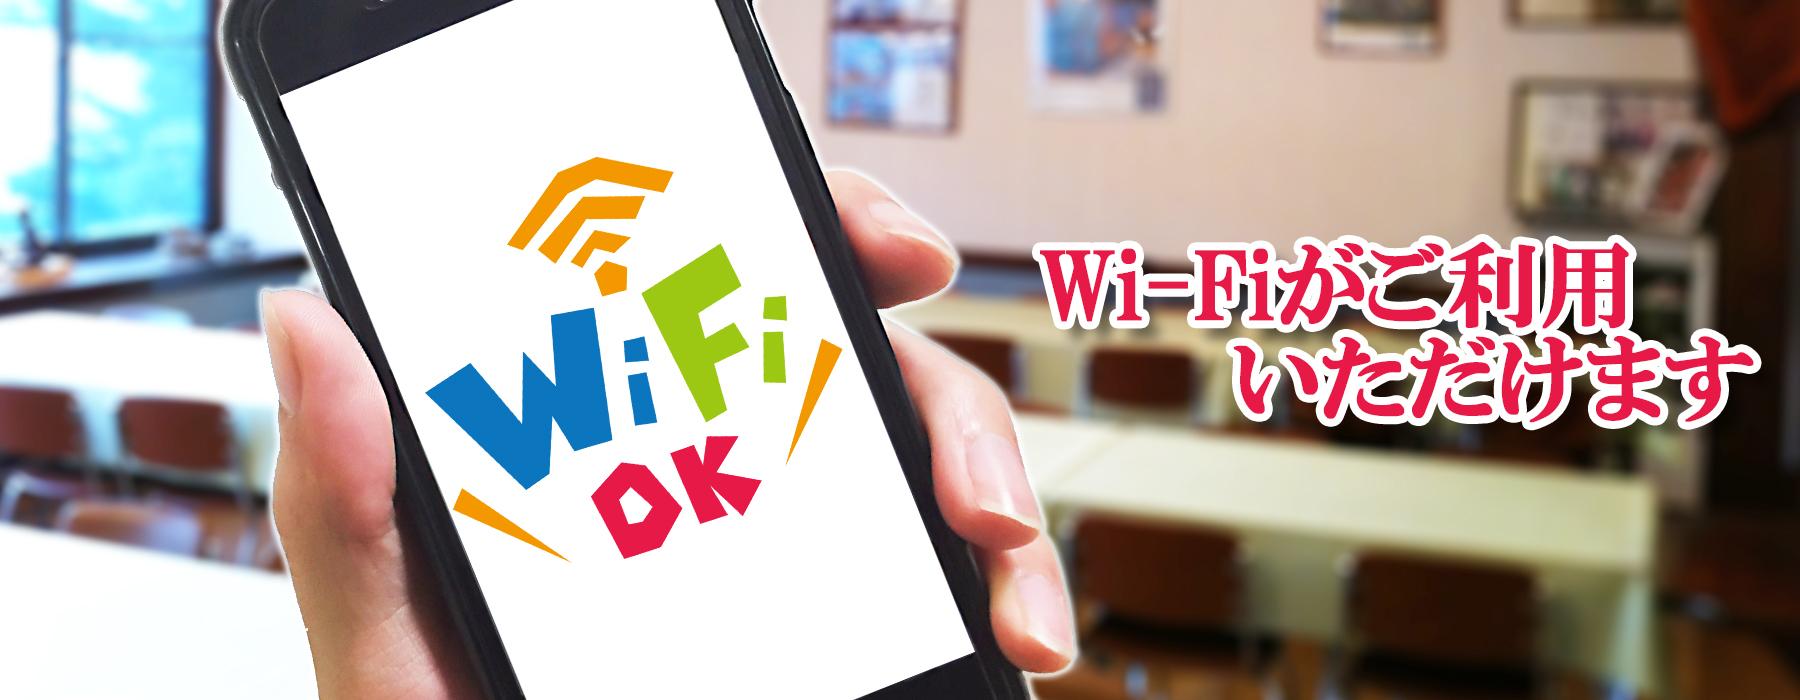 当館でWi-Fi使えます!